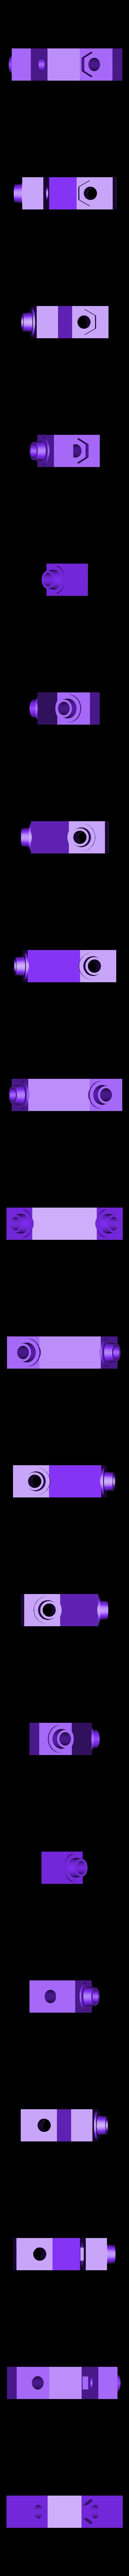 elemento_carrello.stl Télécharger fichier STL gratuit coulissant, pour sections rectangulaires • Plan pour impression 3D, Porelynlas